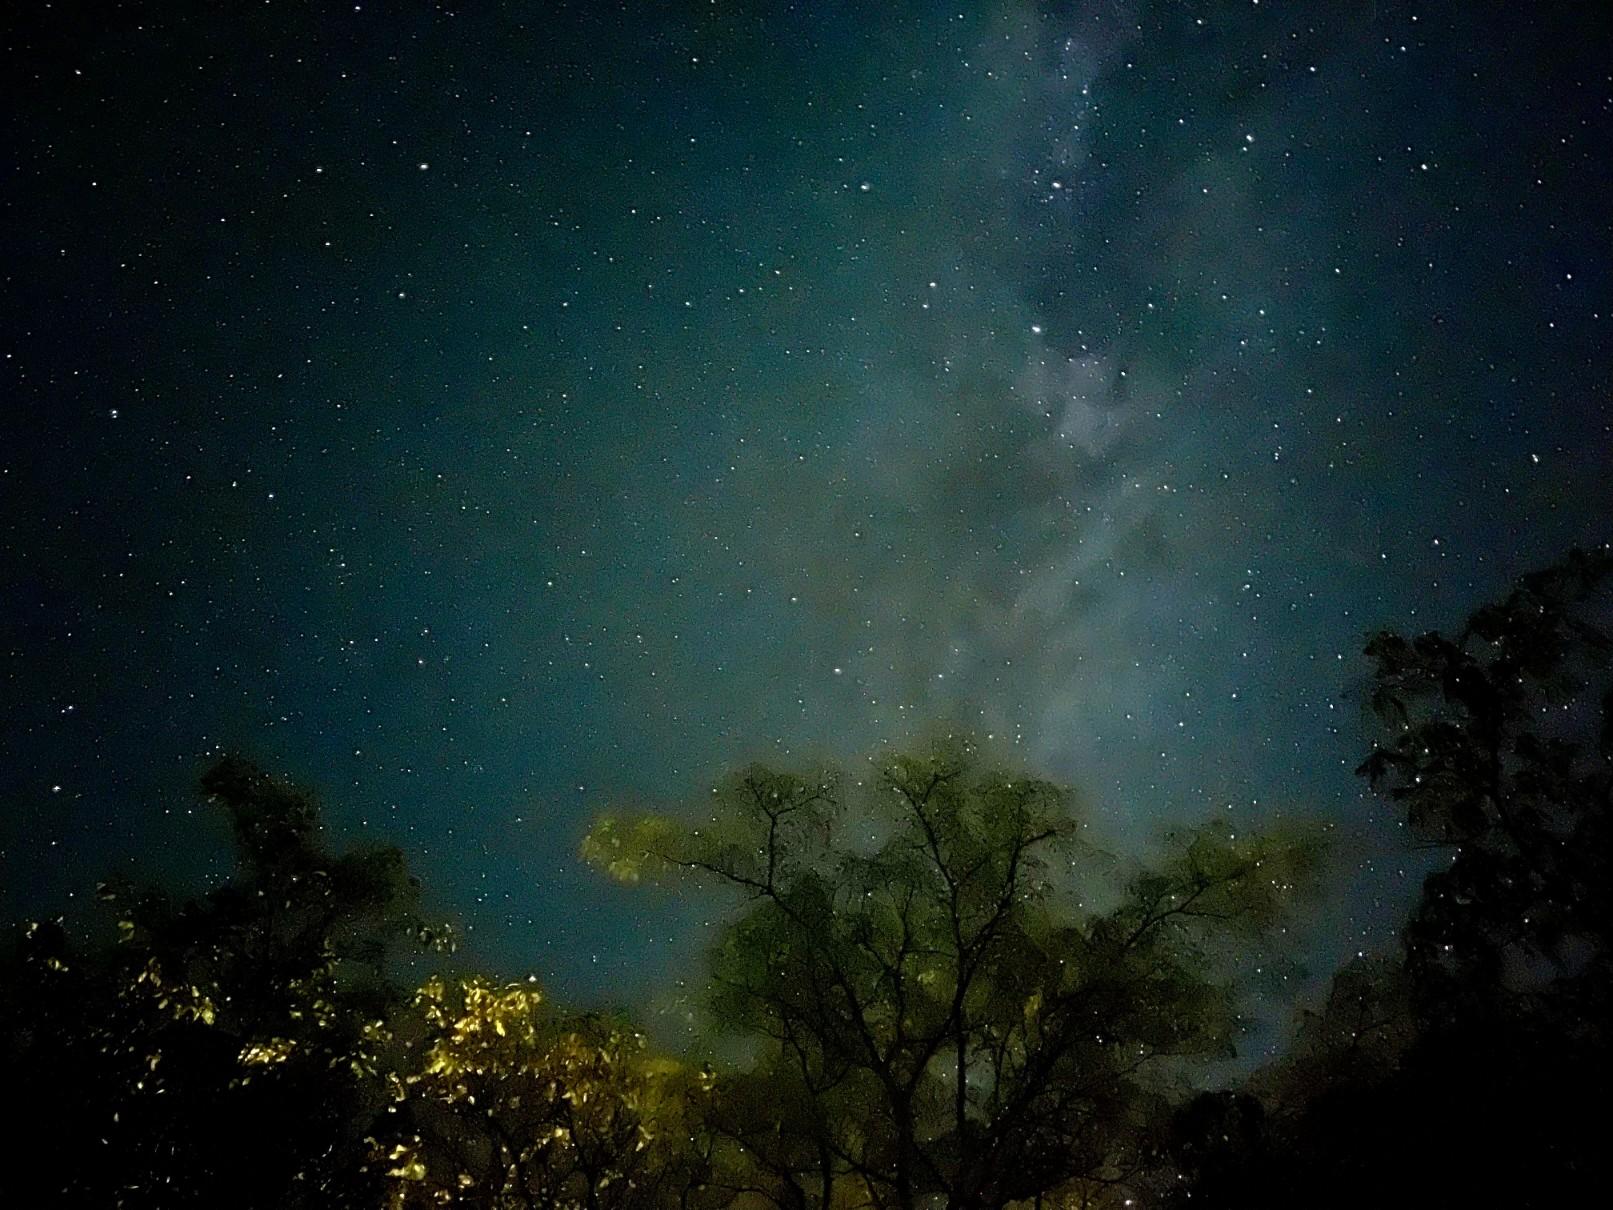 Κατασκήνωση με αστέρια… και στον Ουρανό και στη Γη